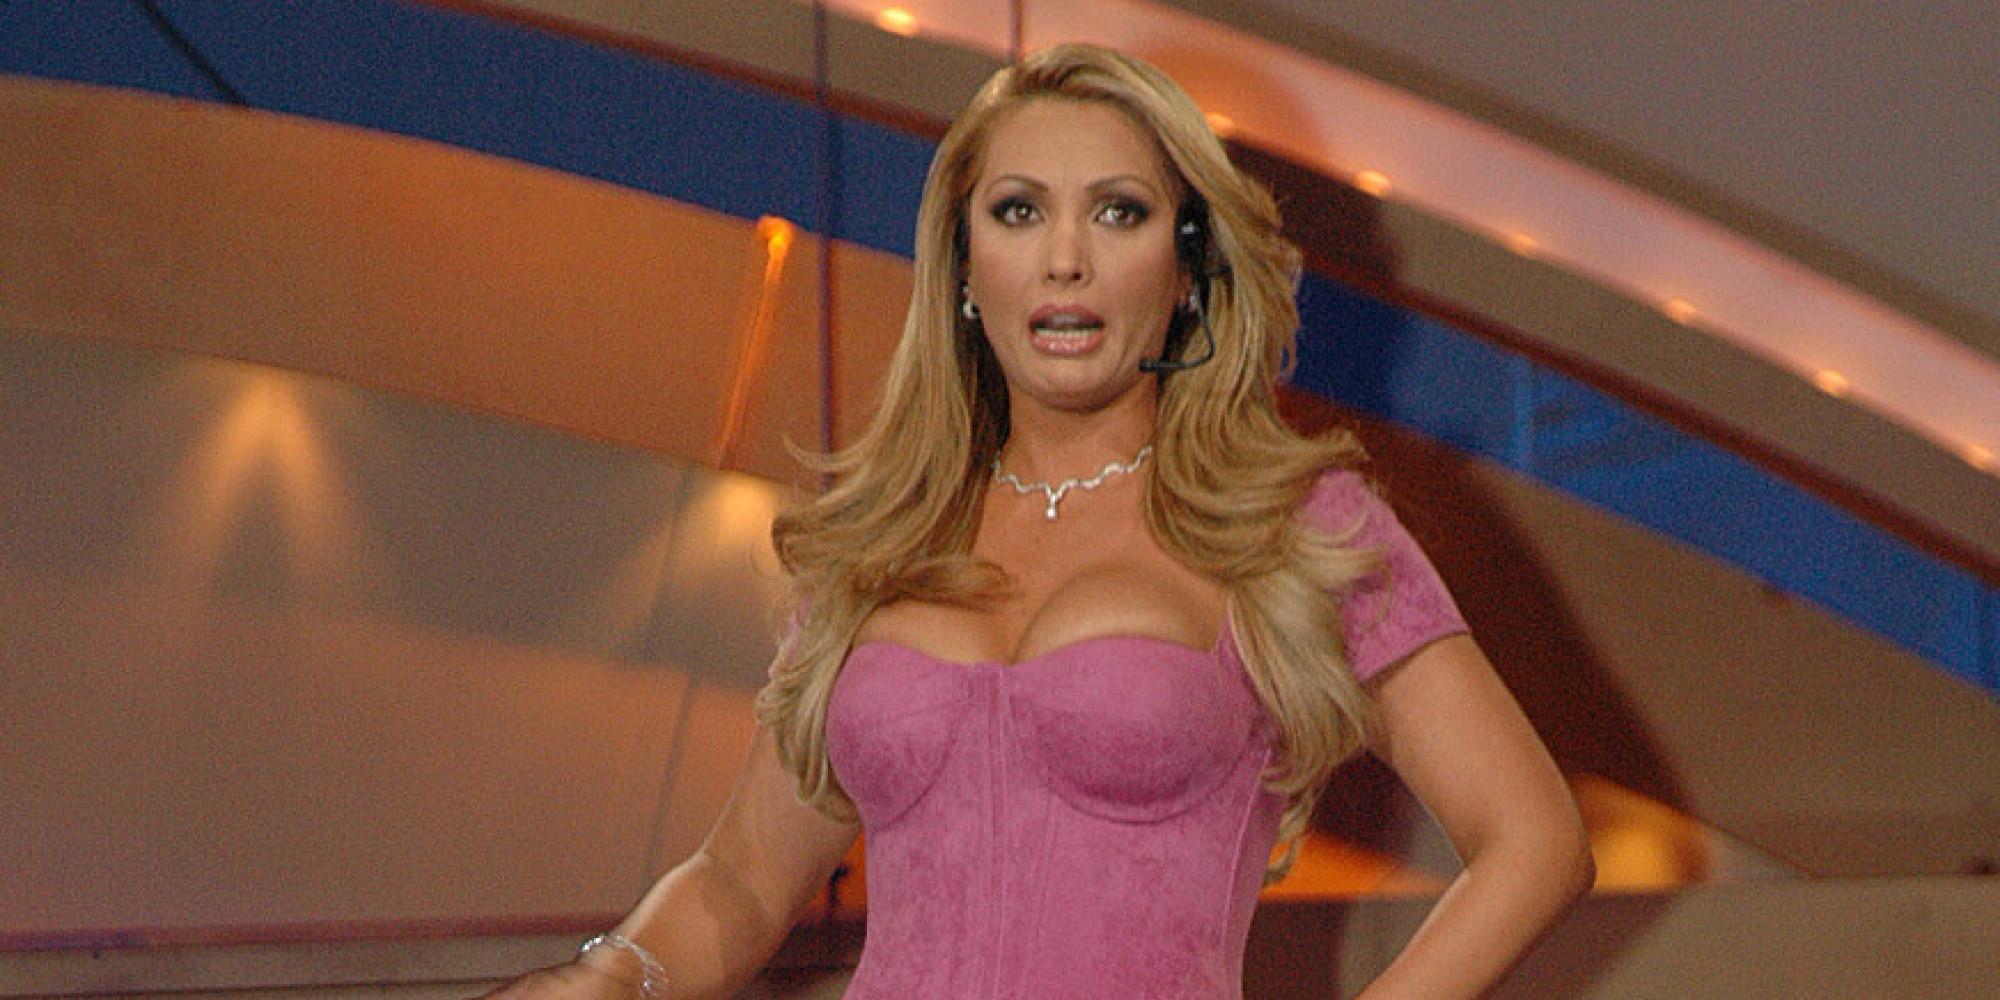 Paty Navidad da a entender que sí existe quien se prostituye en Televisa